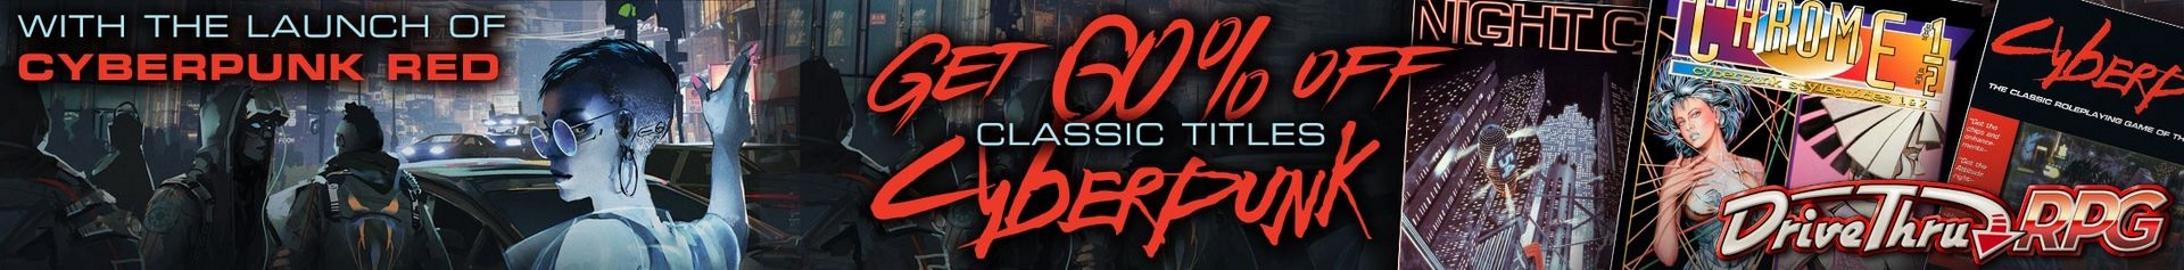 Classic Cyberpunk Sale